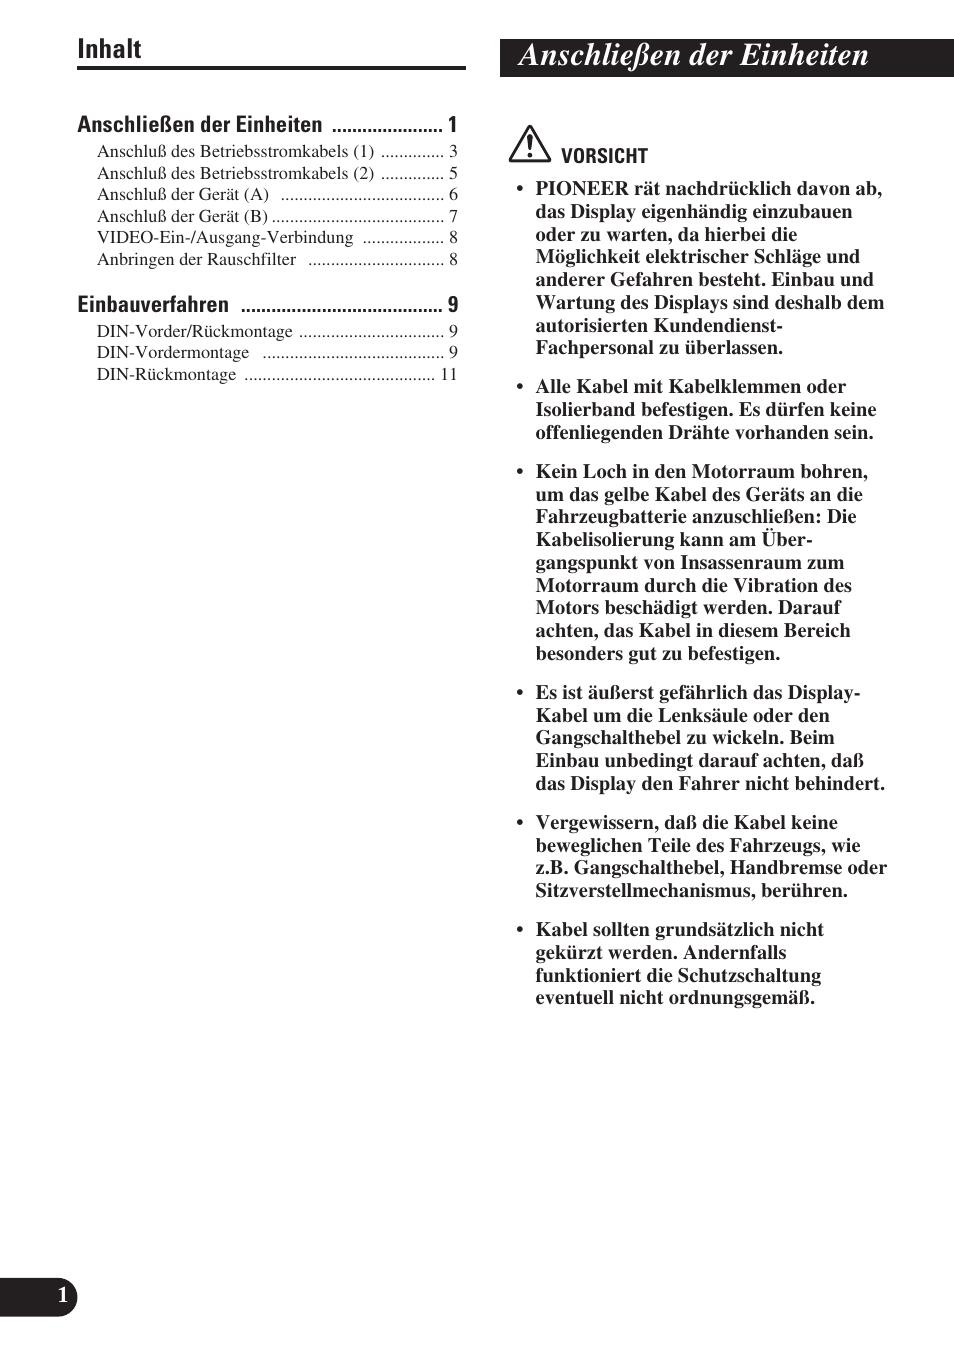 Anschließen der einheiten, Inhalt | Pioneer AVH-P6400R User Manual ...